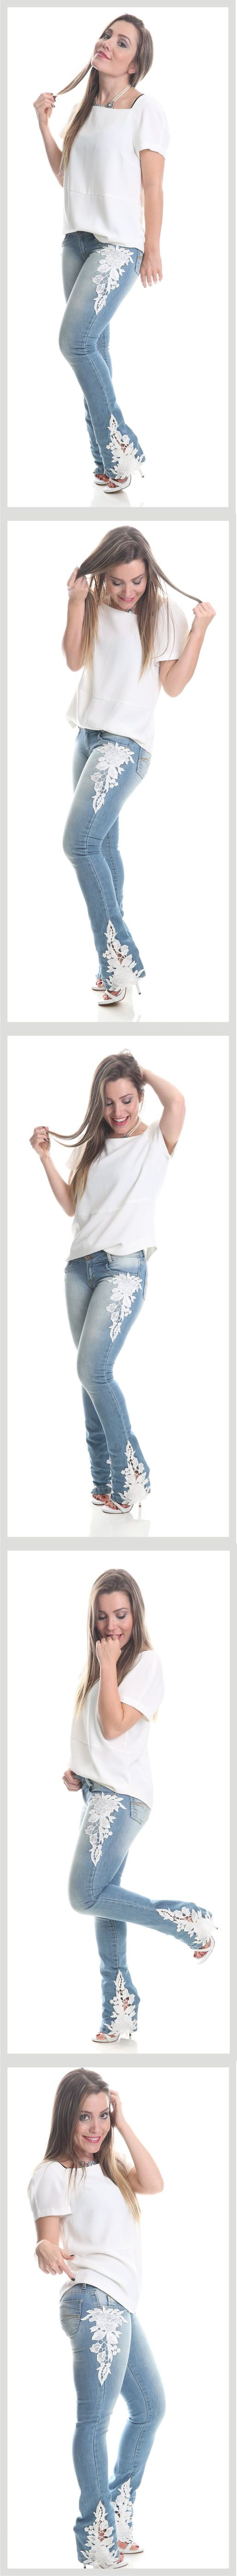 blog_de_moda,_dica_d_moda_2014,_carol_ferraz,_gutie_blog,_armazem_do_jeans_calças,_customização,romantico,_americana,_jeans 03